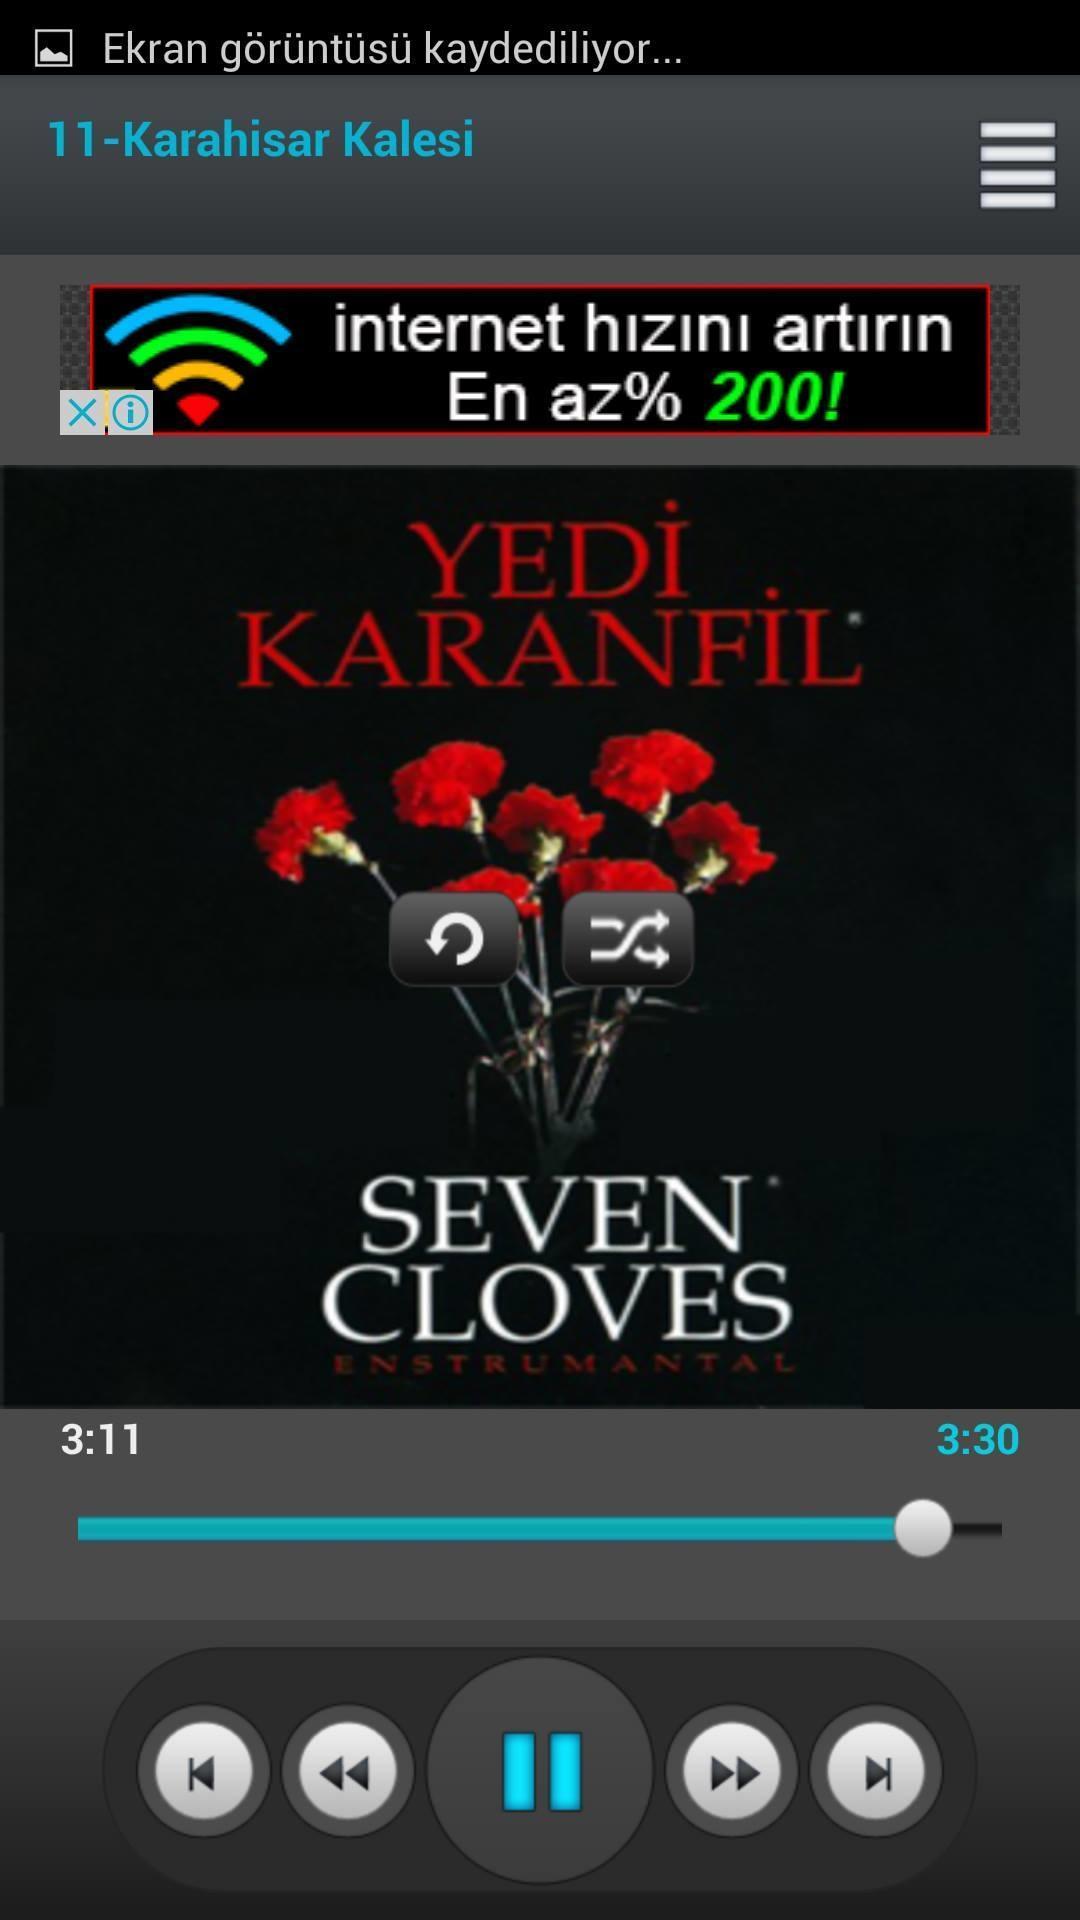 Yedi Karanfil Fon Muzikleri For Android Apk Download